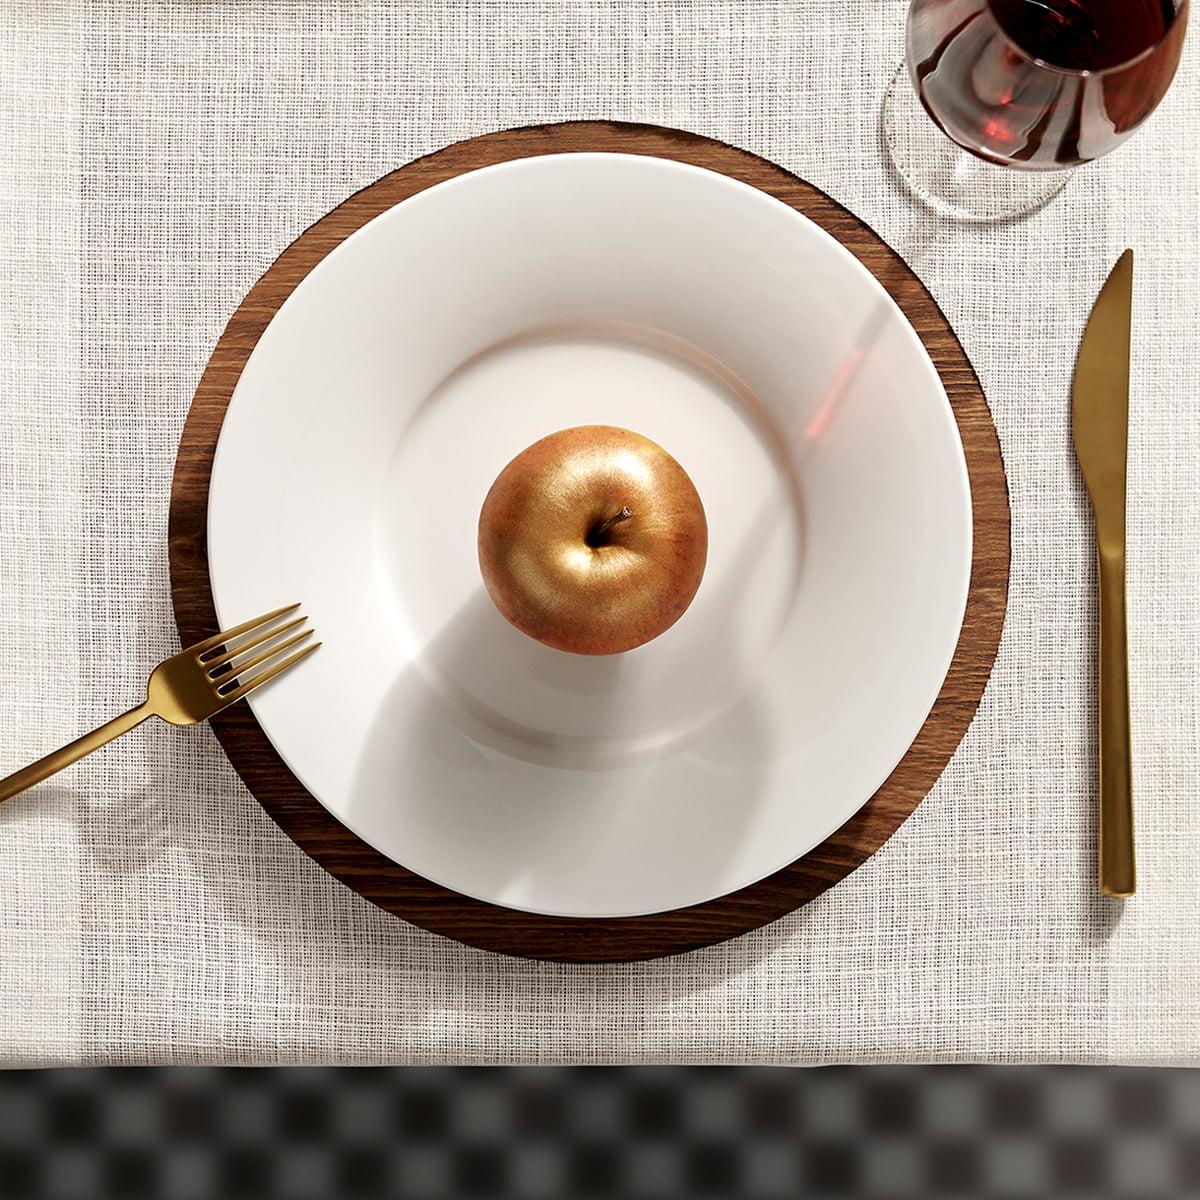 Service Porcelaine 30 Pieces  Vaisselle de service, Cuisine & Arts de la table